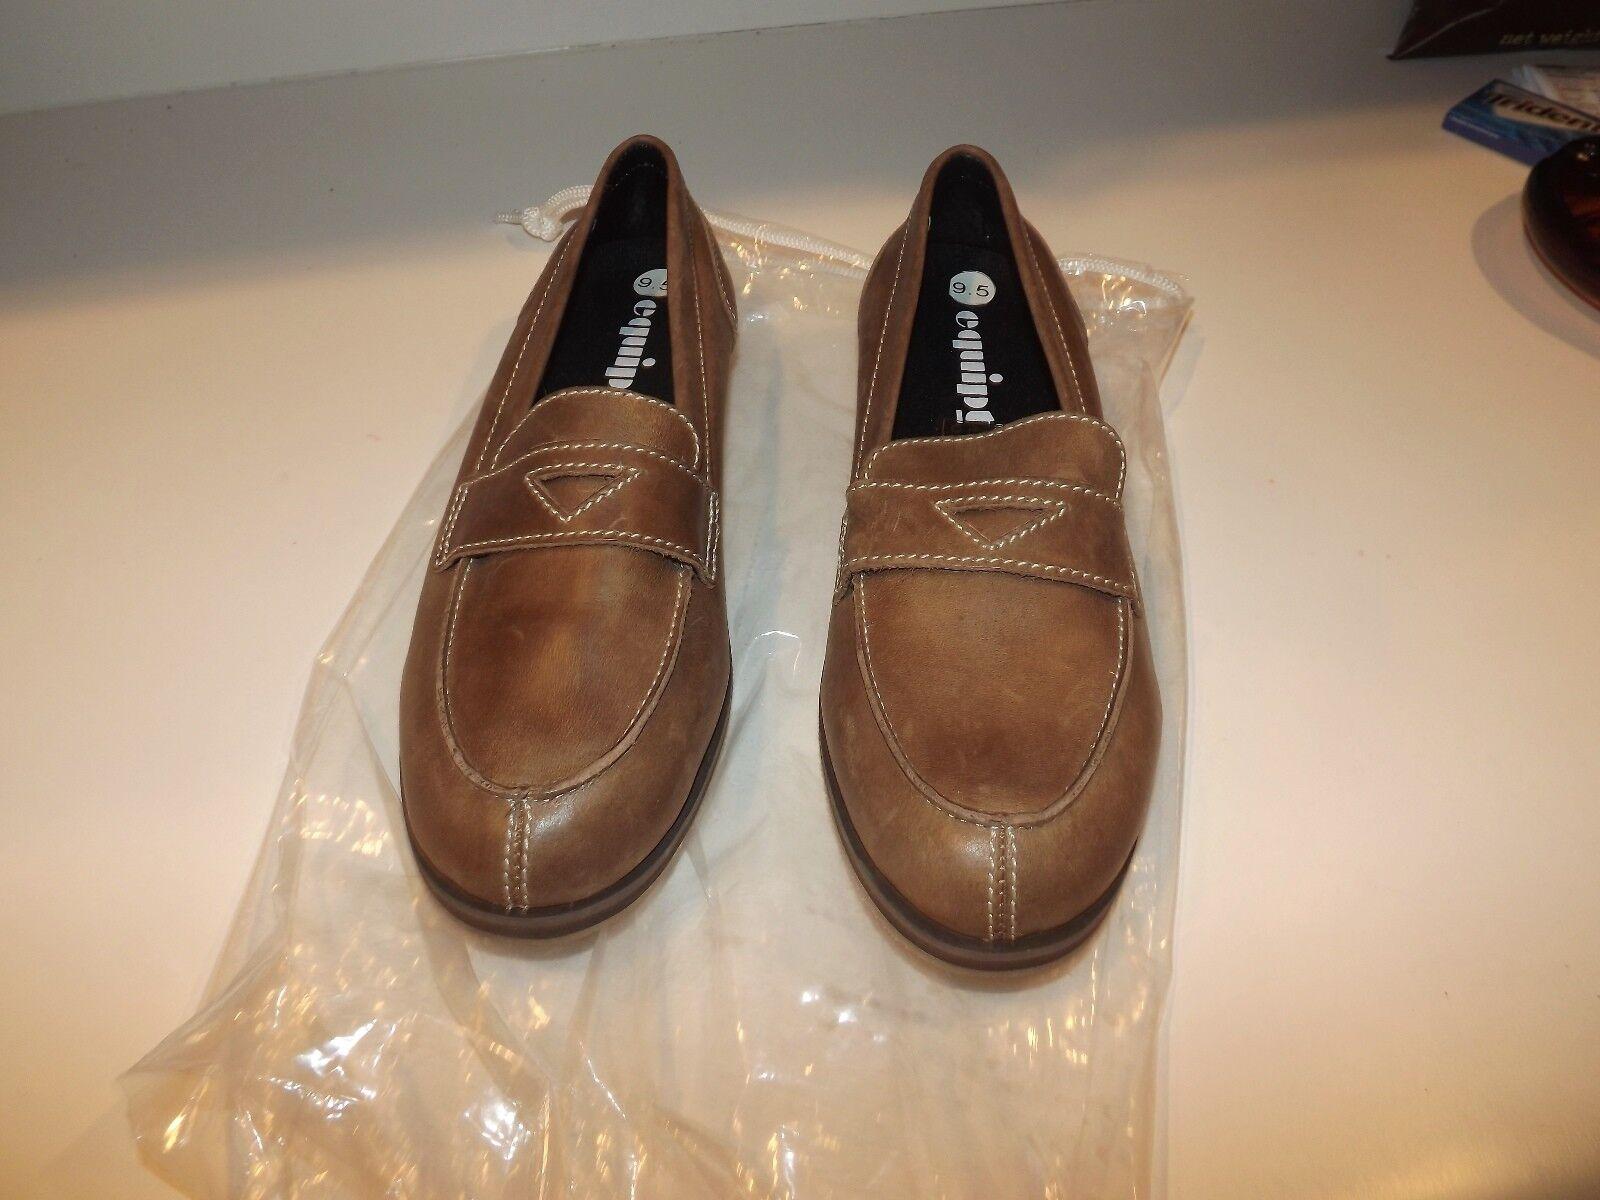 EQUIPT para jugar Mocasines zapatos señoras tanish Marrón Cuero Talla Talla Talla 9.5 Nuevo Viejo Stock  Envío rápido y el mejor servicio